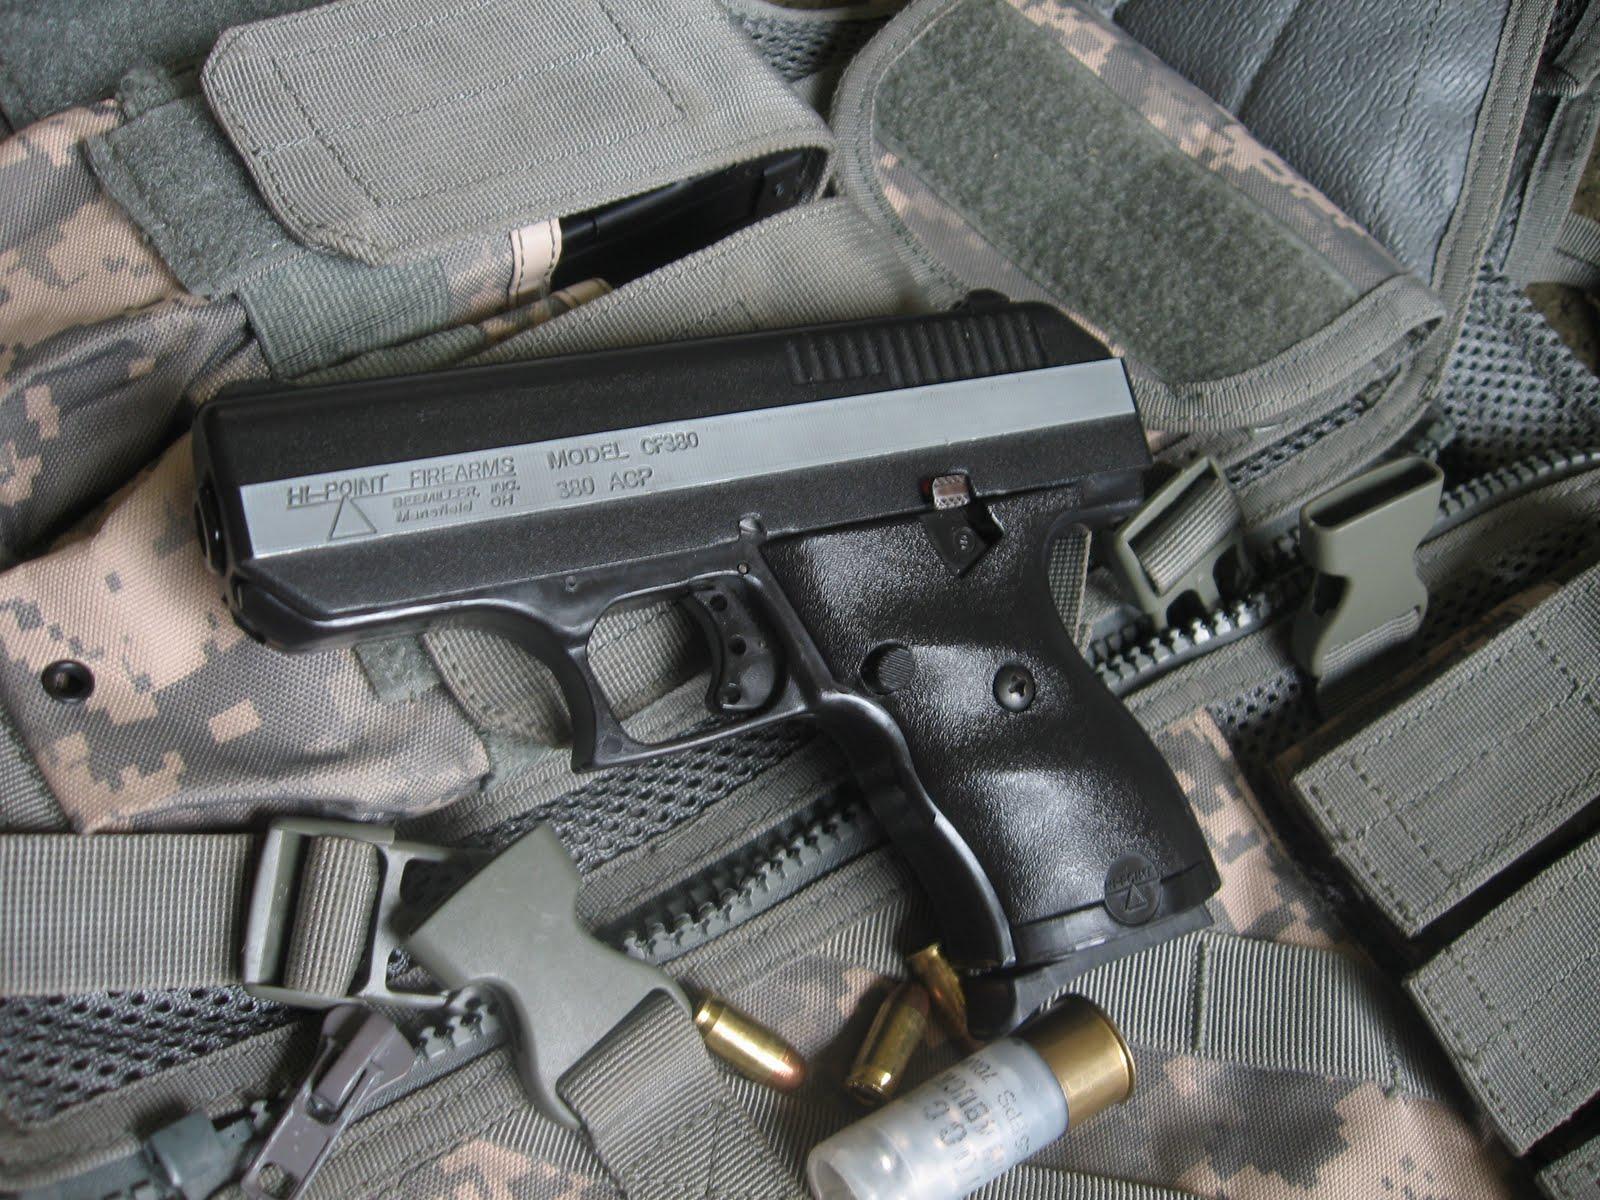 The Modern Shooter: Handgun review: Hi-point cf 380